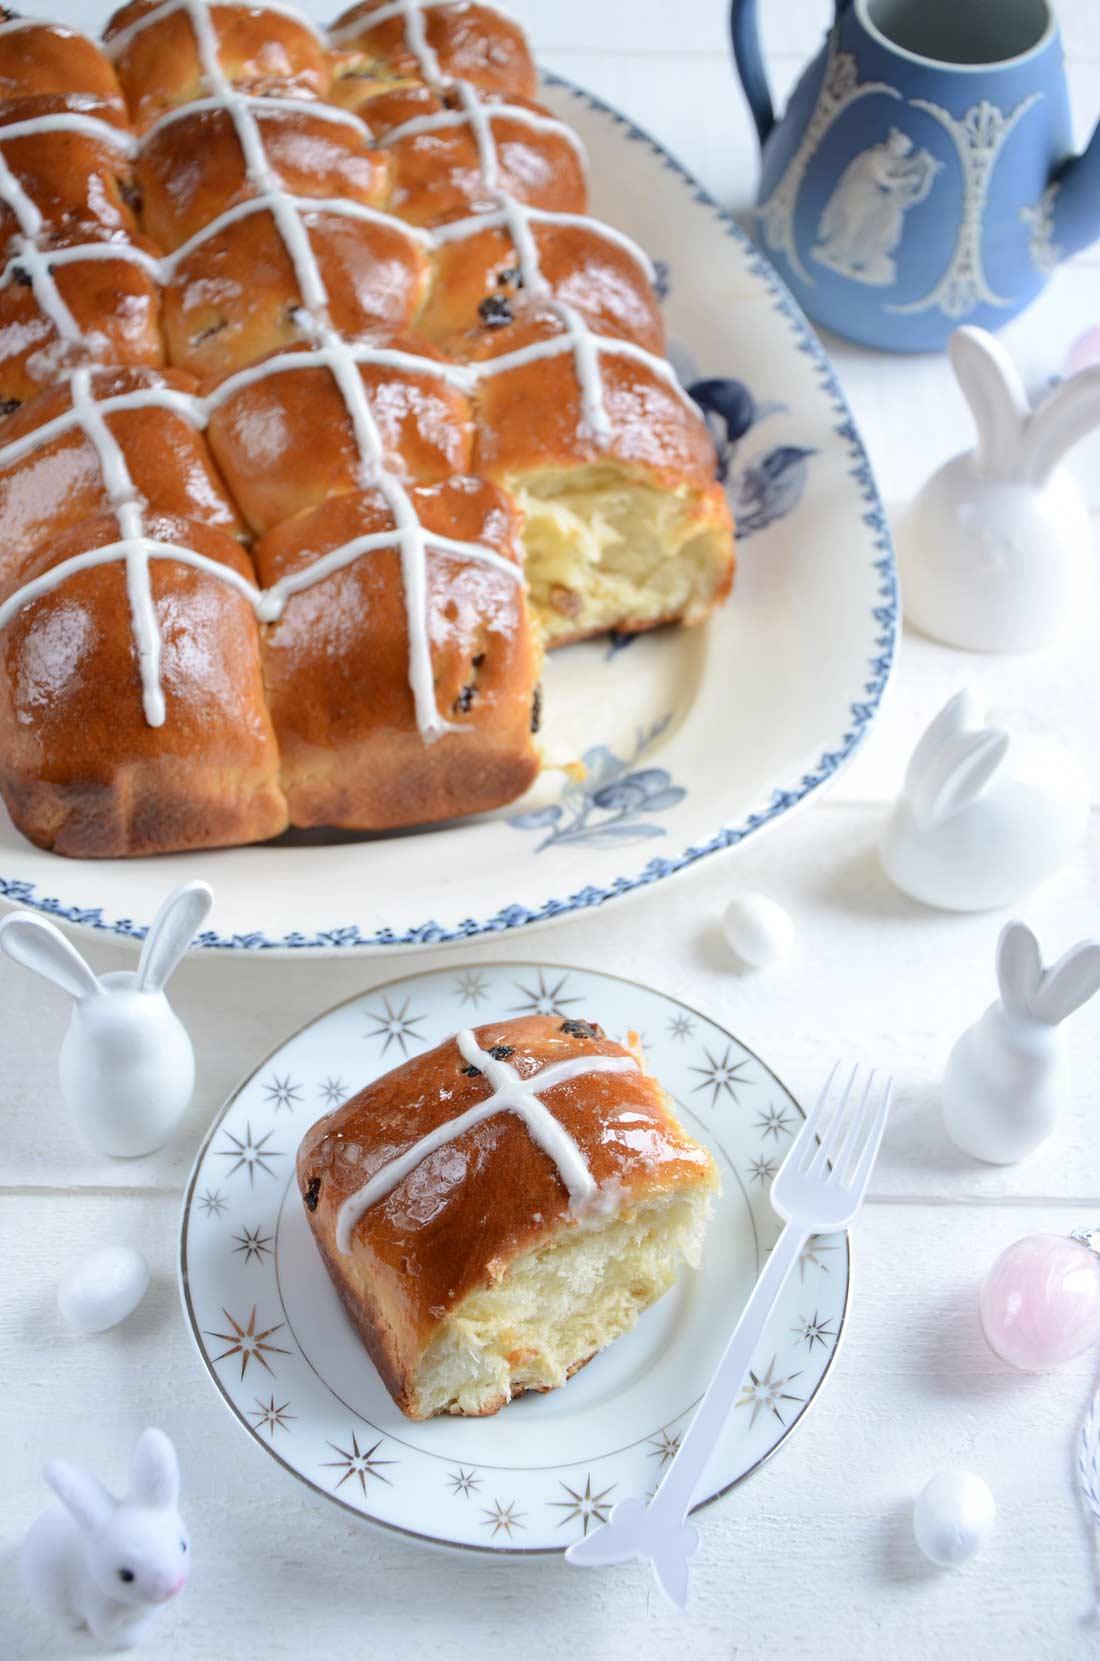 hot cross buns, des brioches de Pâques faites maison et servies pour le Vendredi Saint